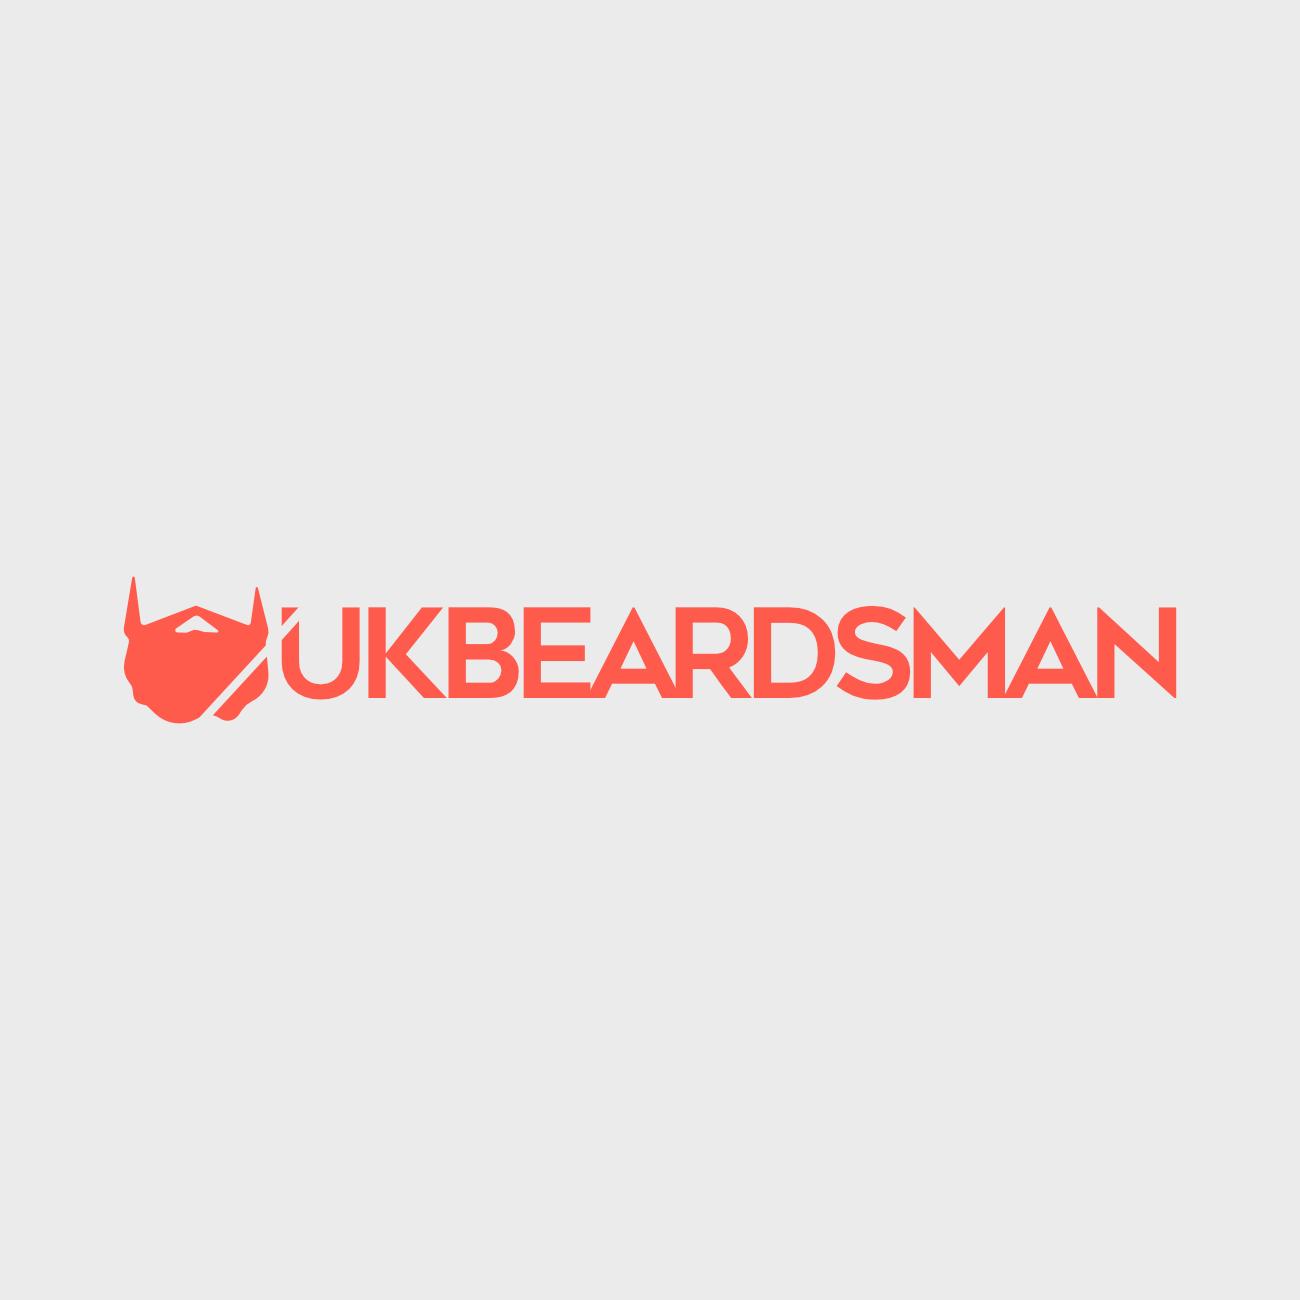 UK Beardsman logo for online blog